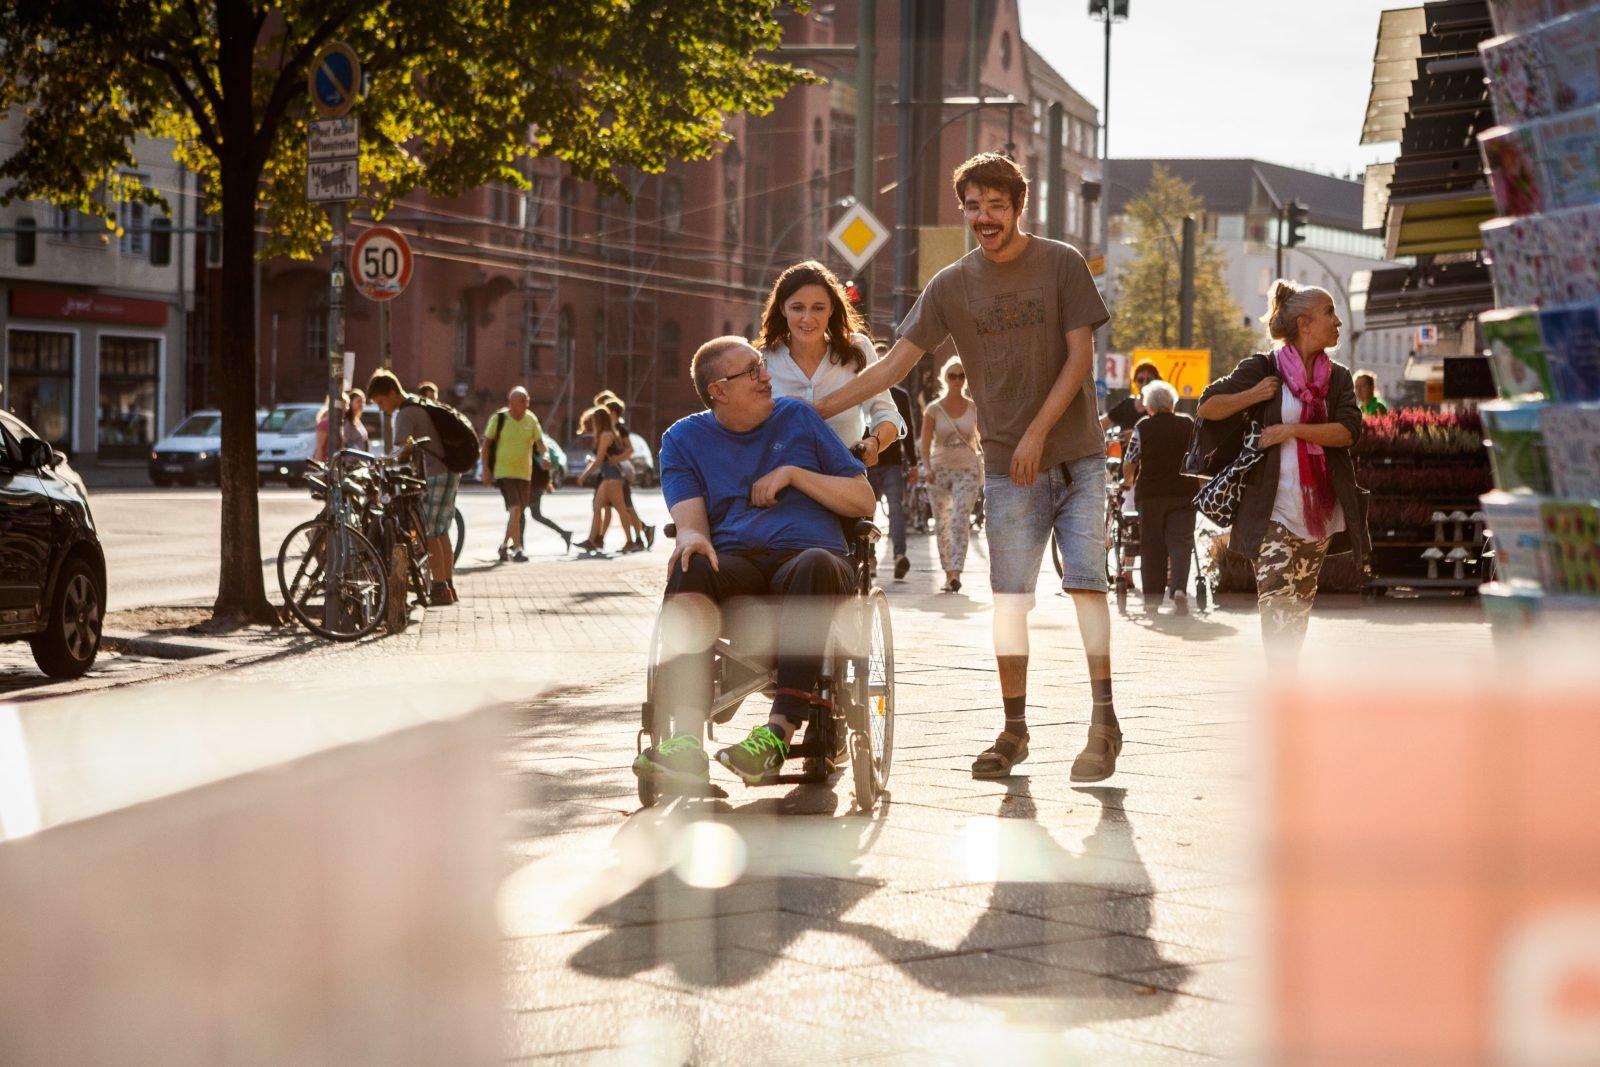 Zwei Männer und eine Frau auf Kiez-Erkundungstour. Im Hintergrund viele Geschäfte und Menschen. Ein Mann sitzt im Rollstuhl, die Frau schiebt ihn und der andere Mann läuft neben ihnen her. SIe scheinen sich zu unterhalten und lachen.